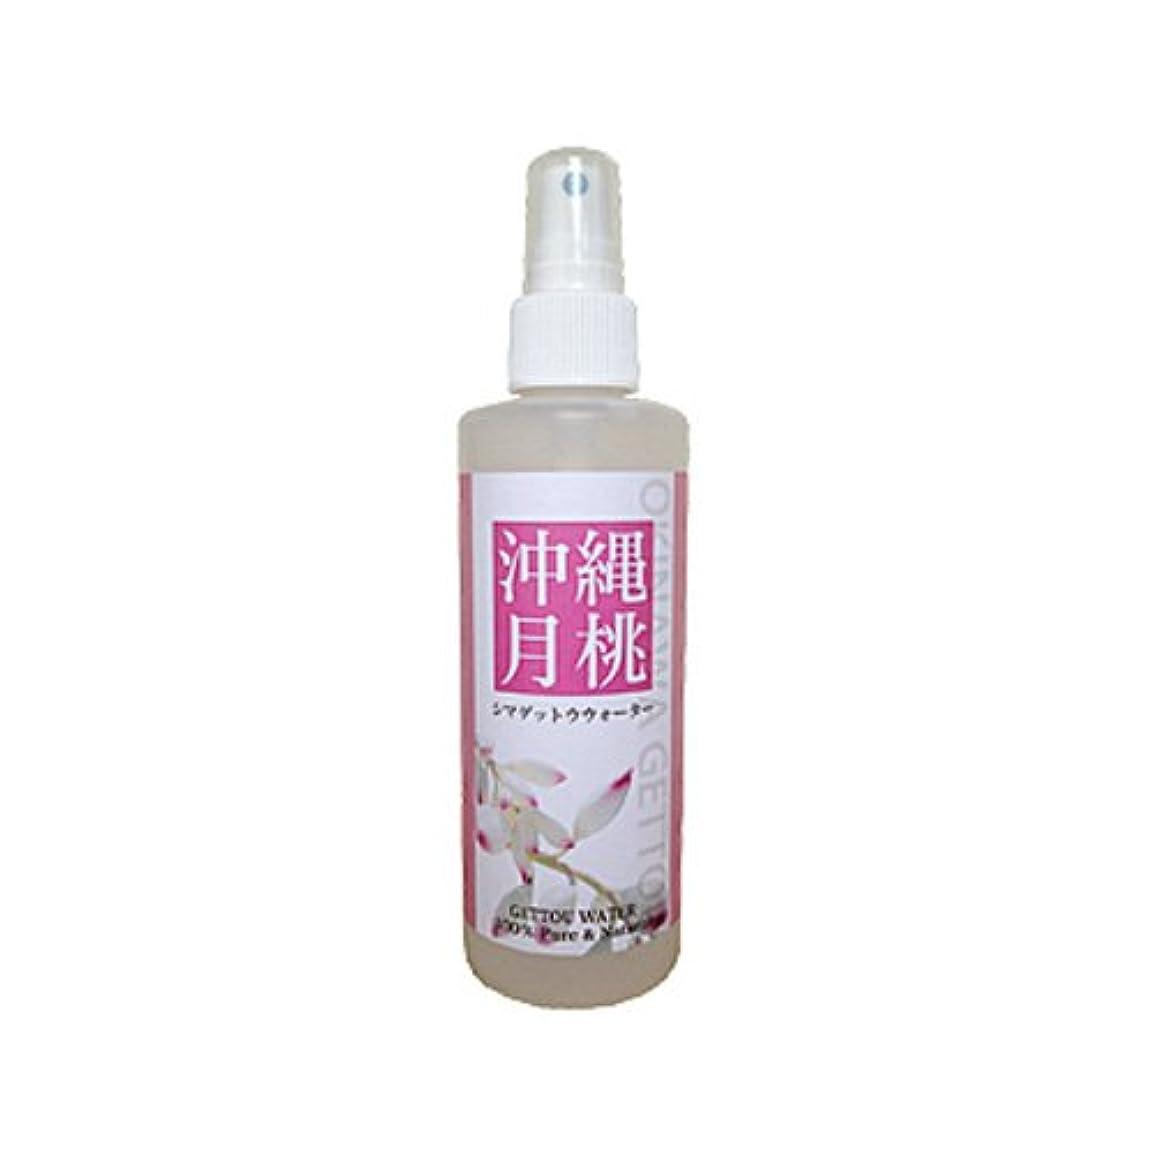 啓示名詞有益月桃蒸留水 フローラルウォーター シマ月桃葉100%使用 200ml